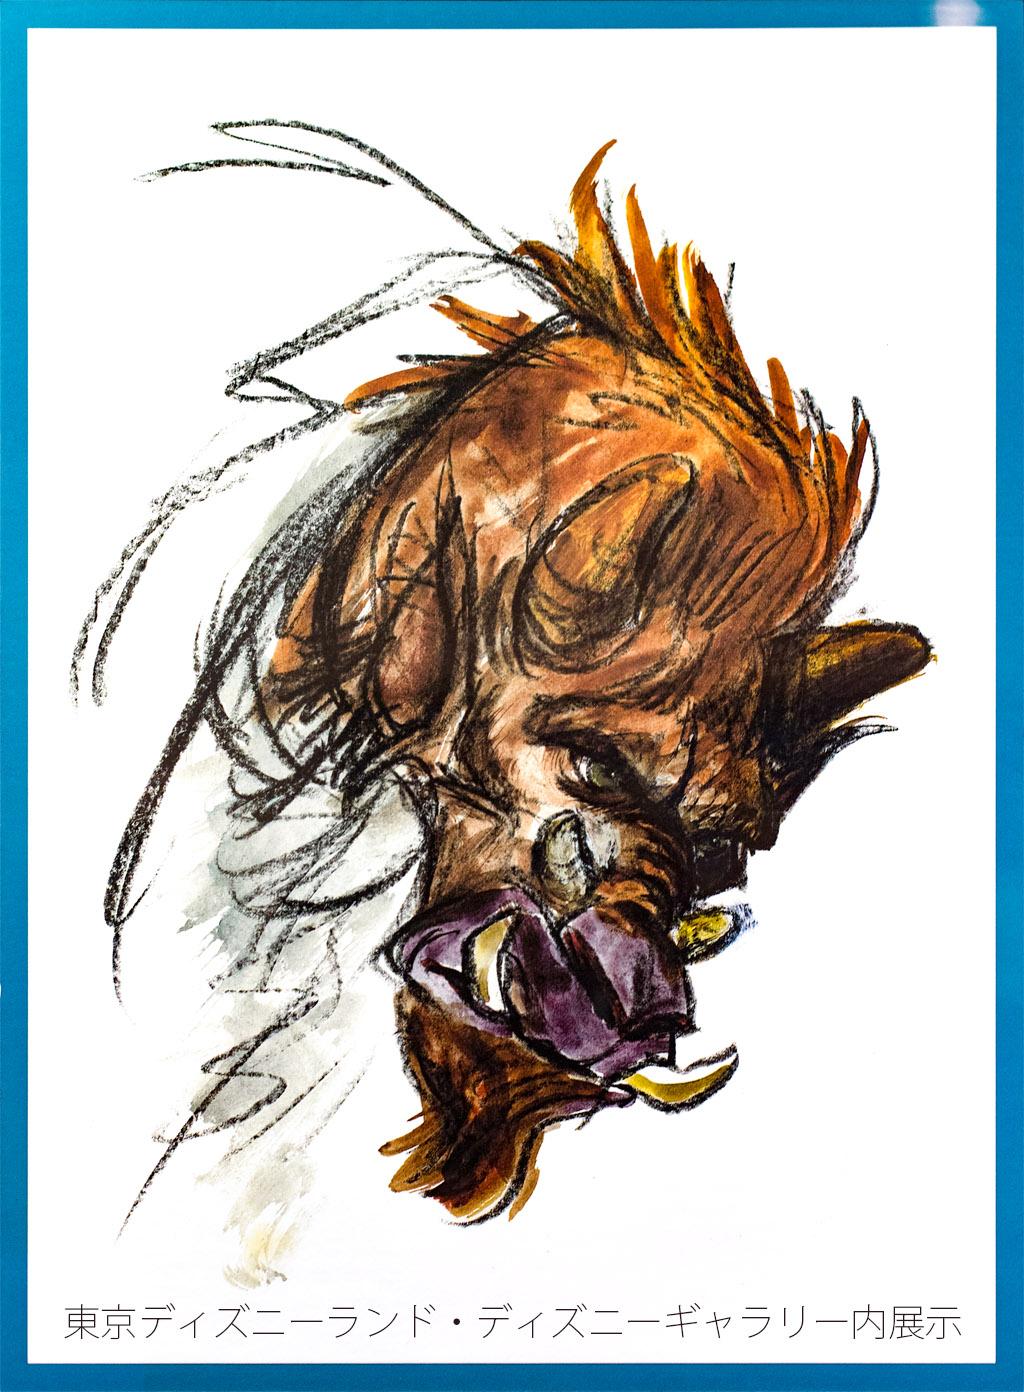 ディズニーギャラリー 展示物 野獣ビースト頭部スケッチ(ショップ)(ワールドバザール)(東京ディズニーランド)